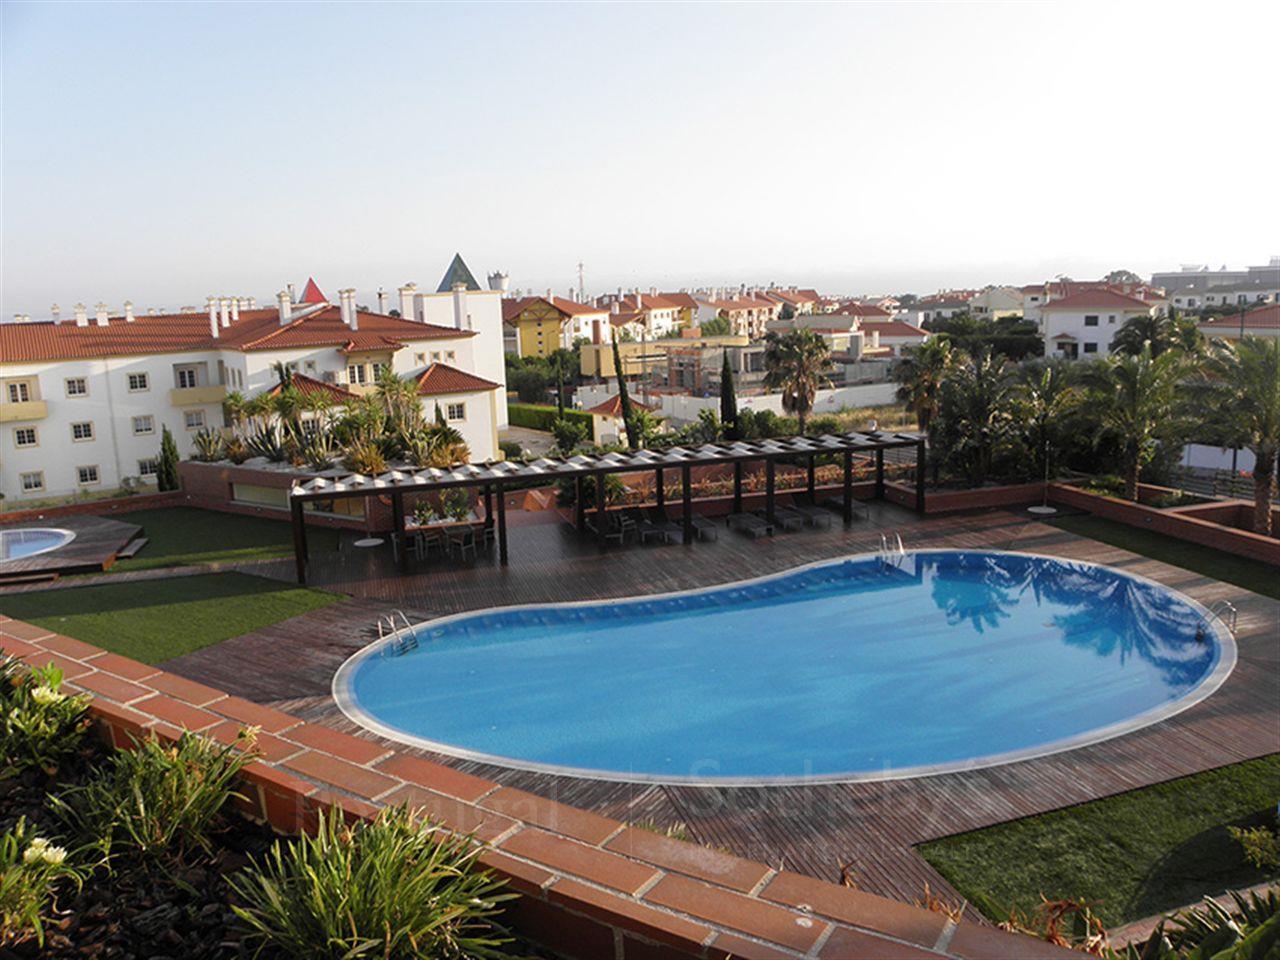 Căn hộ vì Bán tại Flat, 5 bedrooms, for Sale Beloura, Sintra, Lisboa Bồ Đào Nha